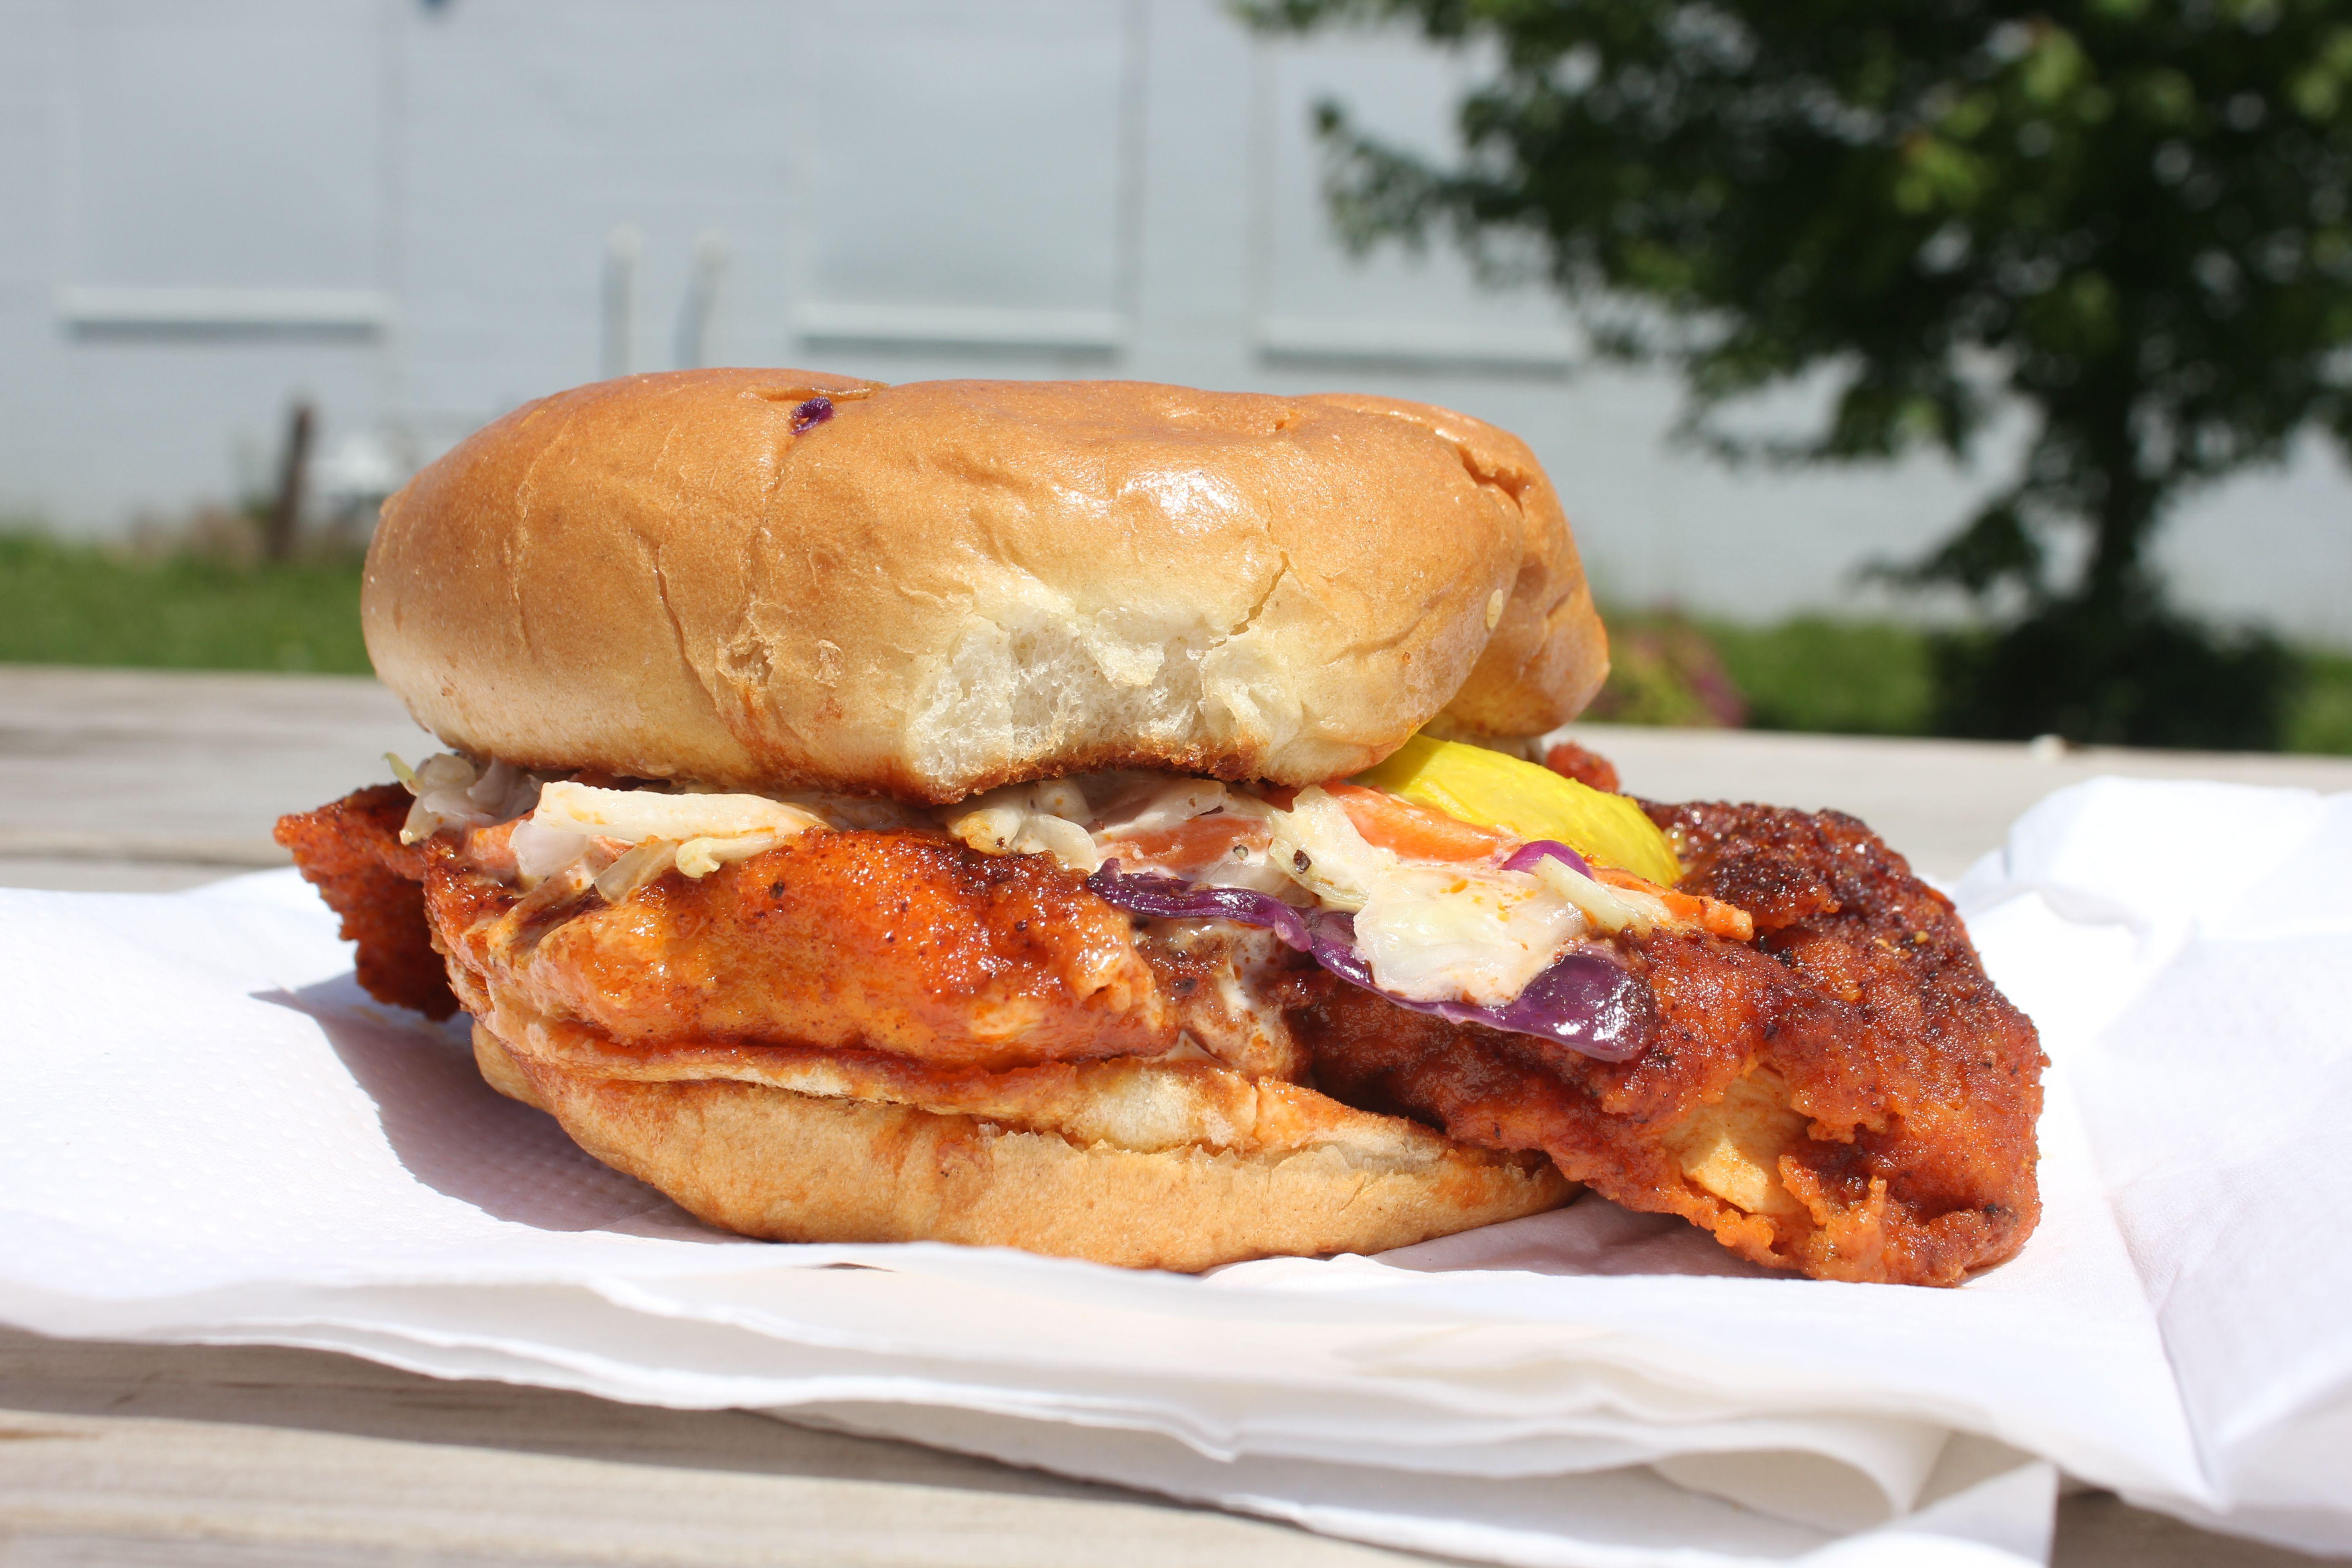 The Challenge sandwich by Chicken Heat.